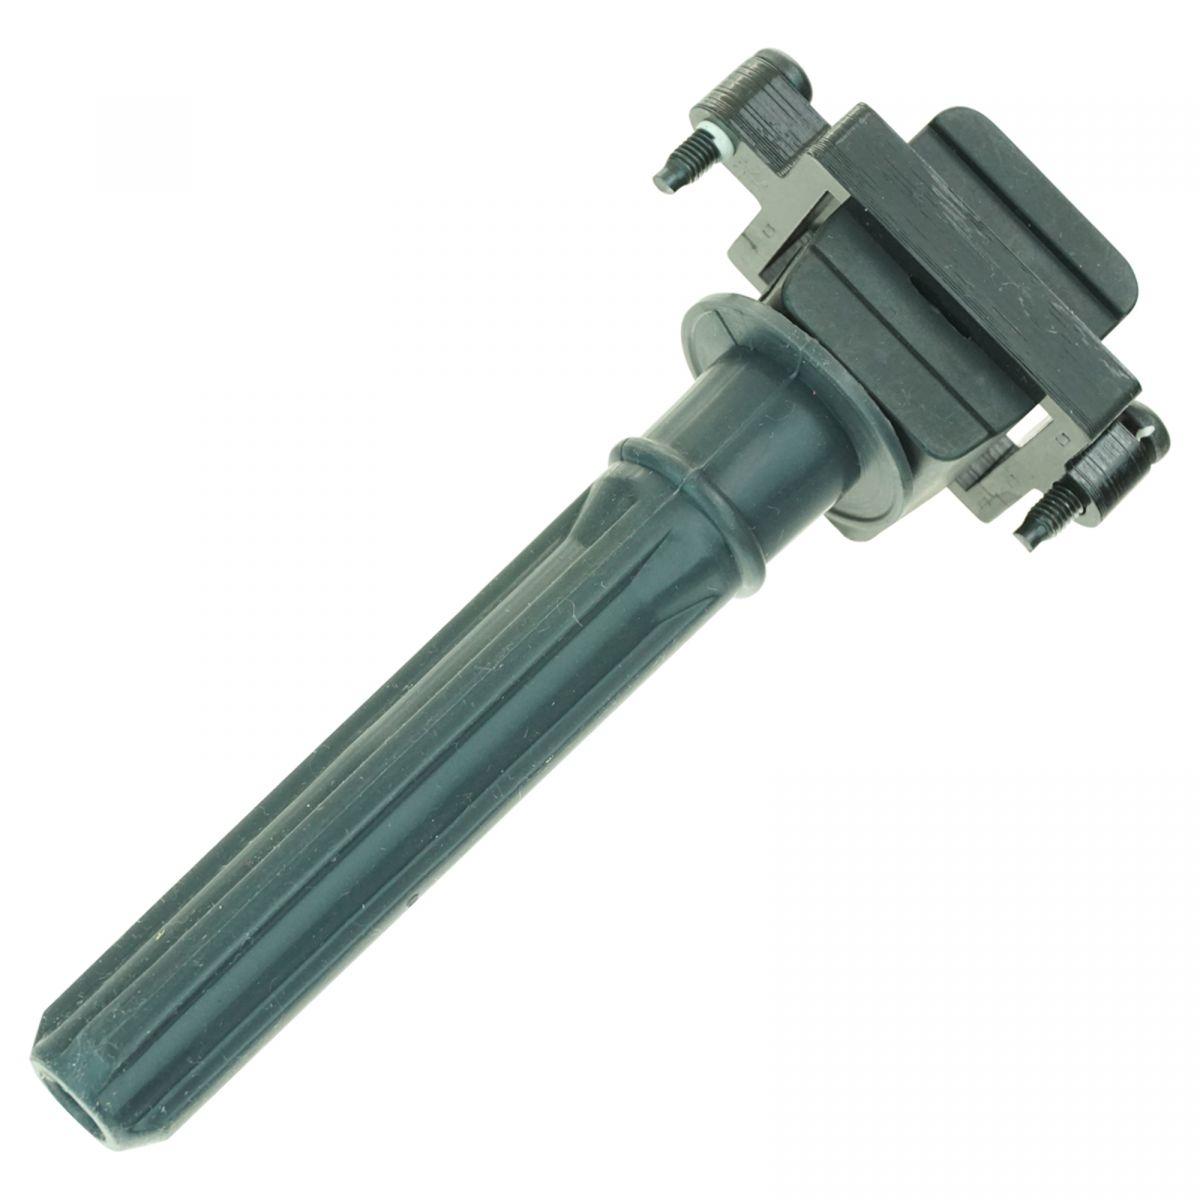 For 2000 Dodge Intrepid V6 2.7 Ignition Coil